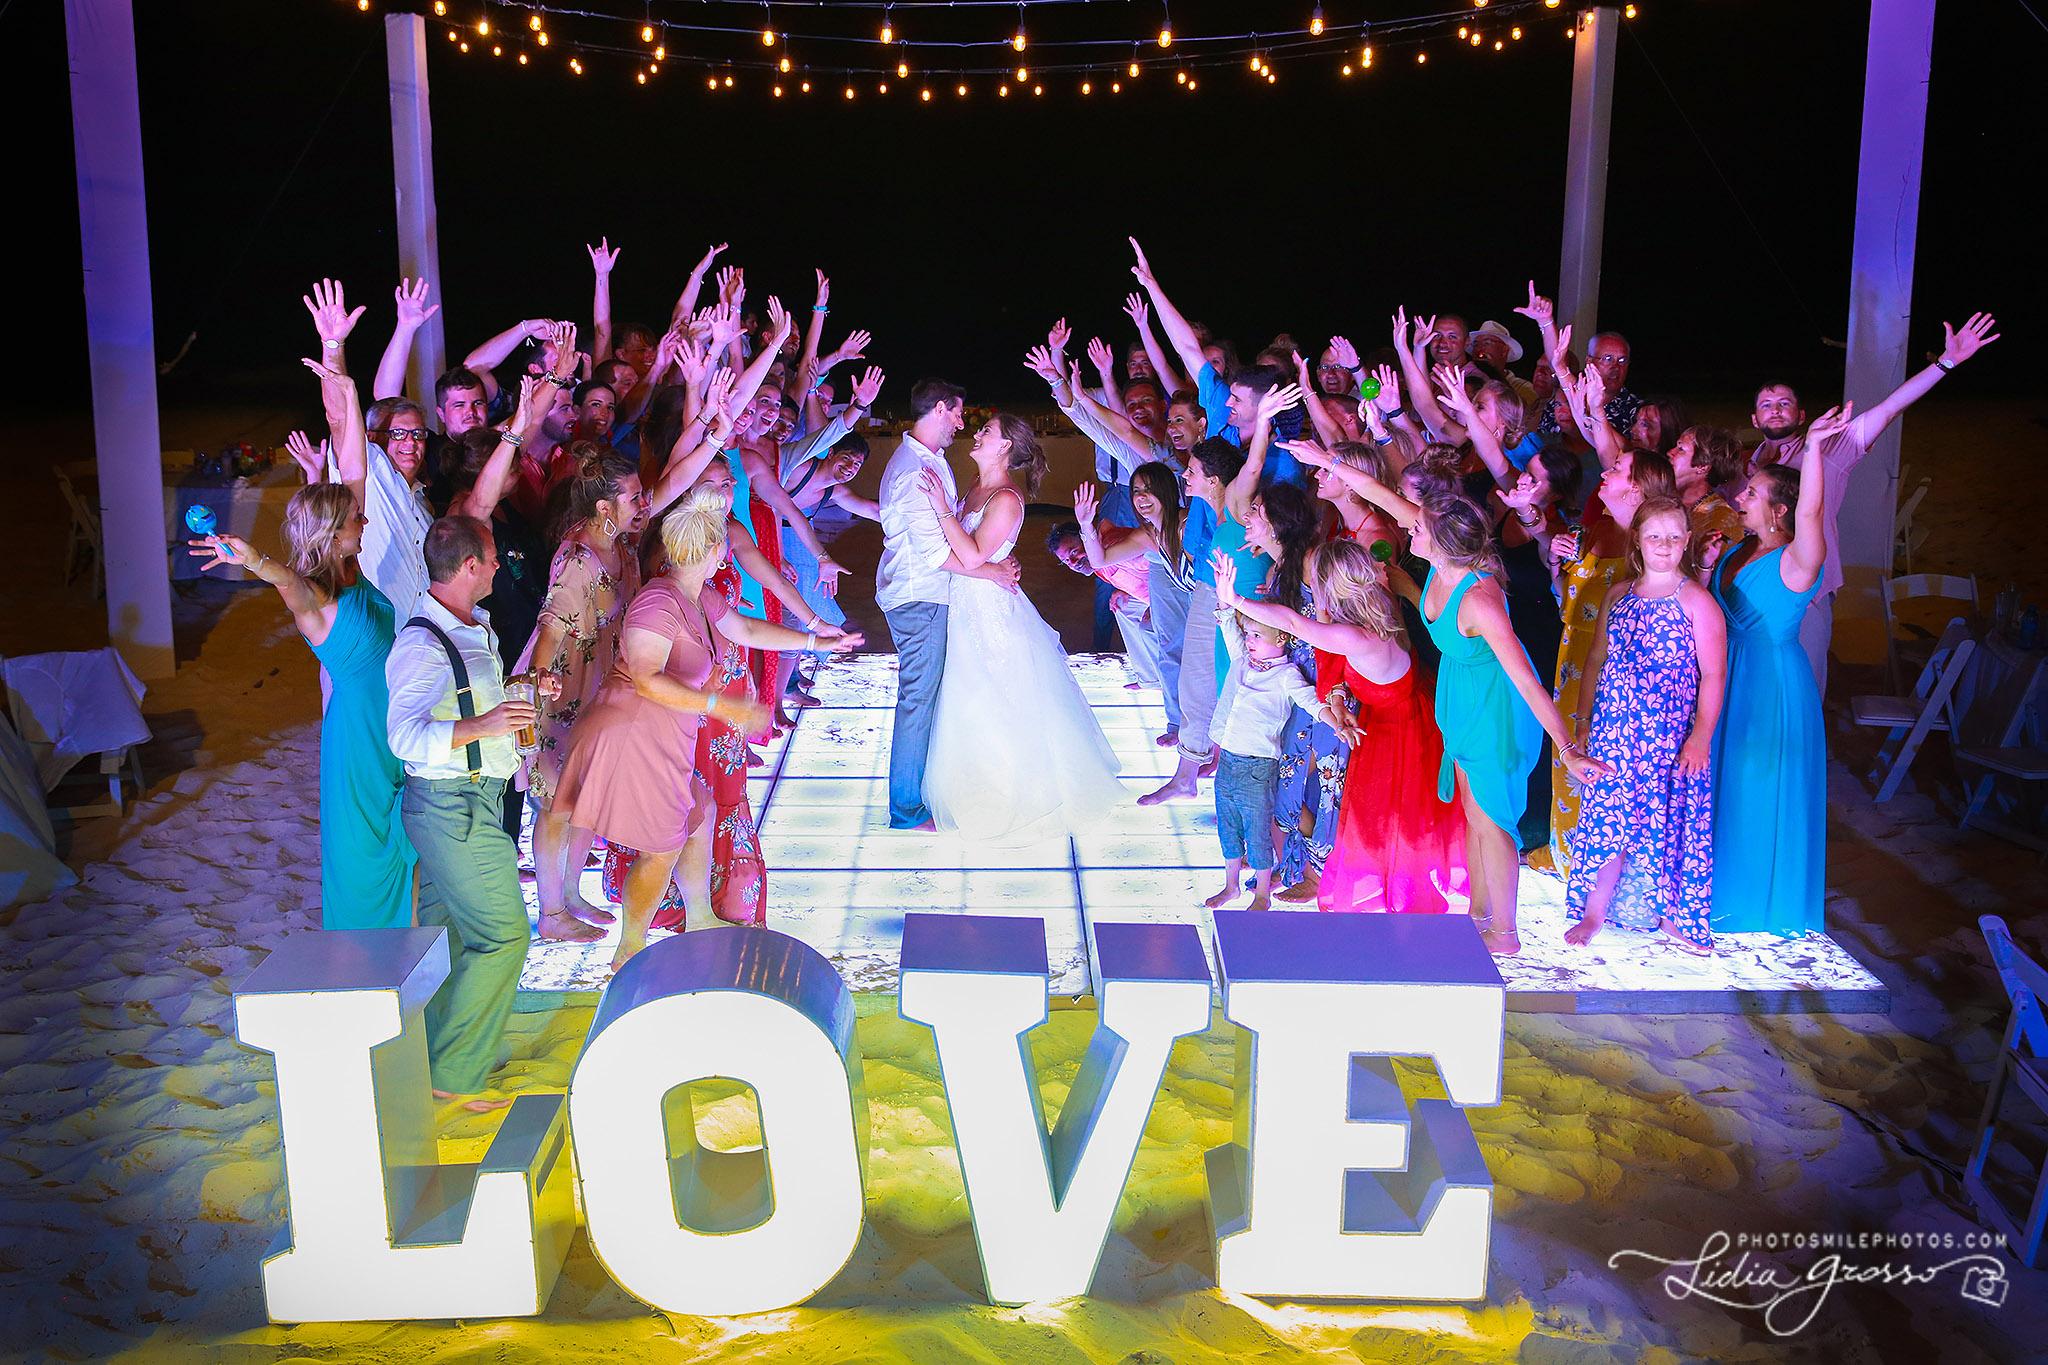 Erin-Chase-wedding-Royalton-Cancun-s-1.jpg